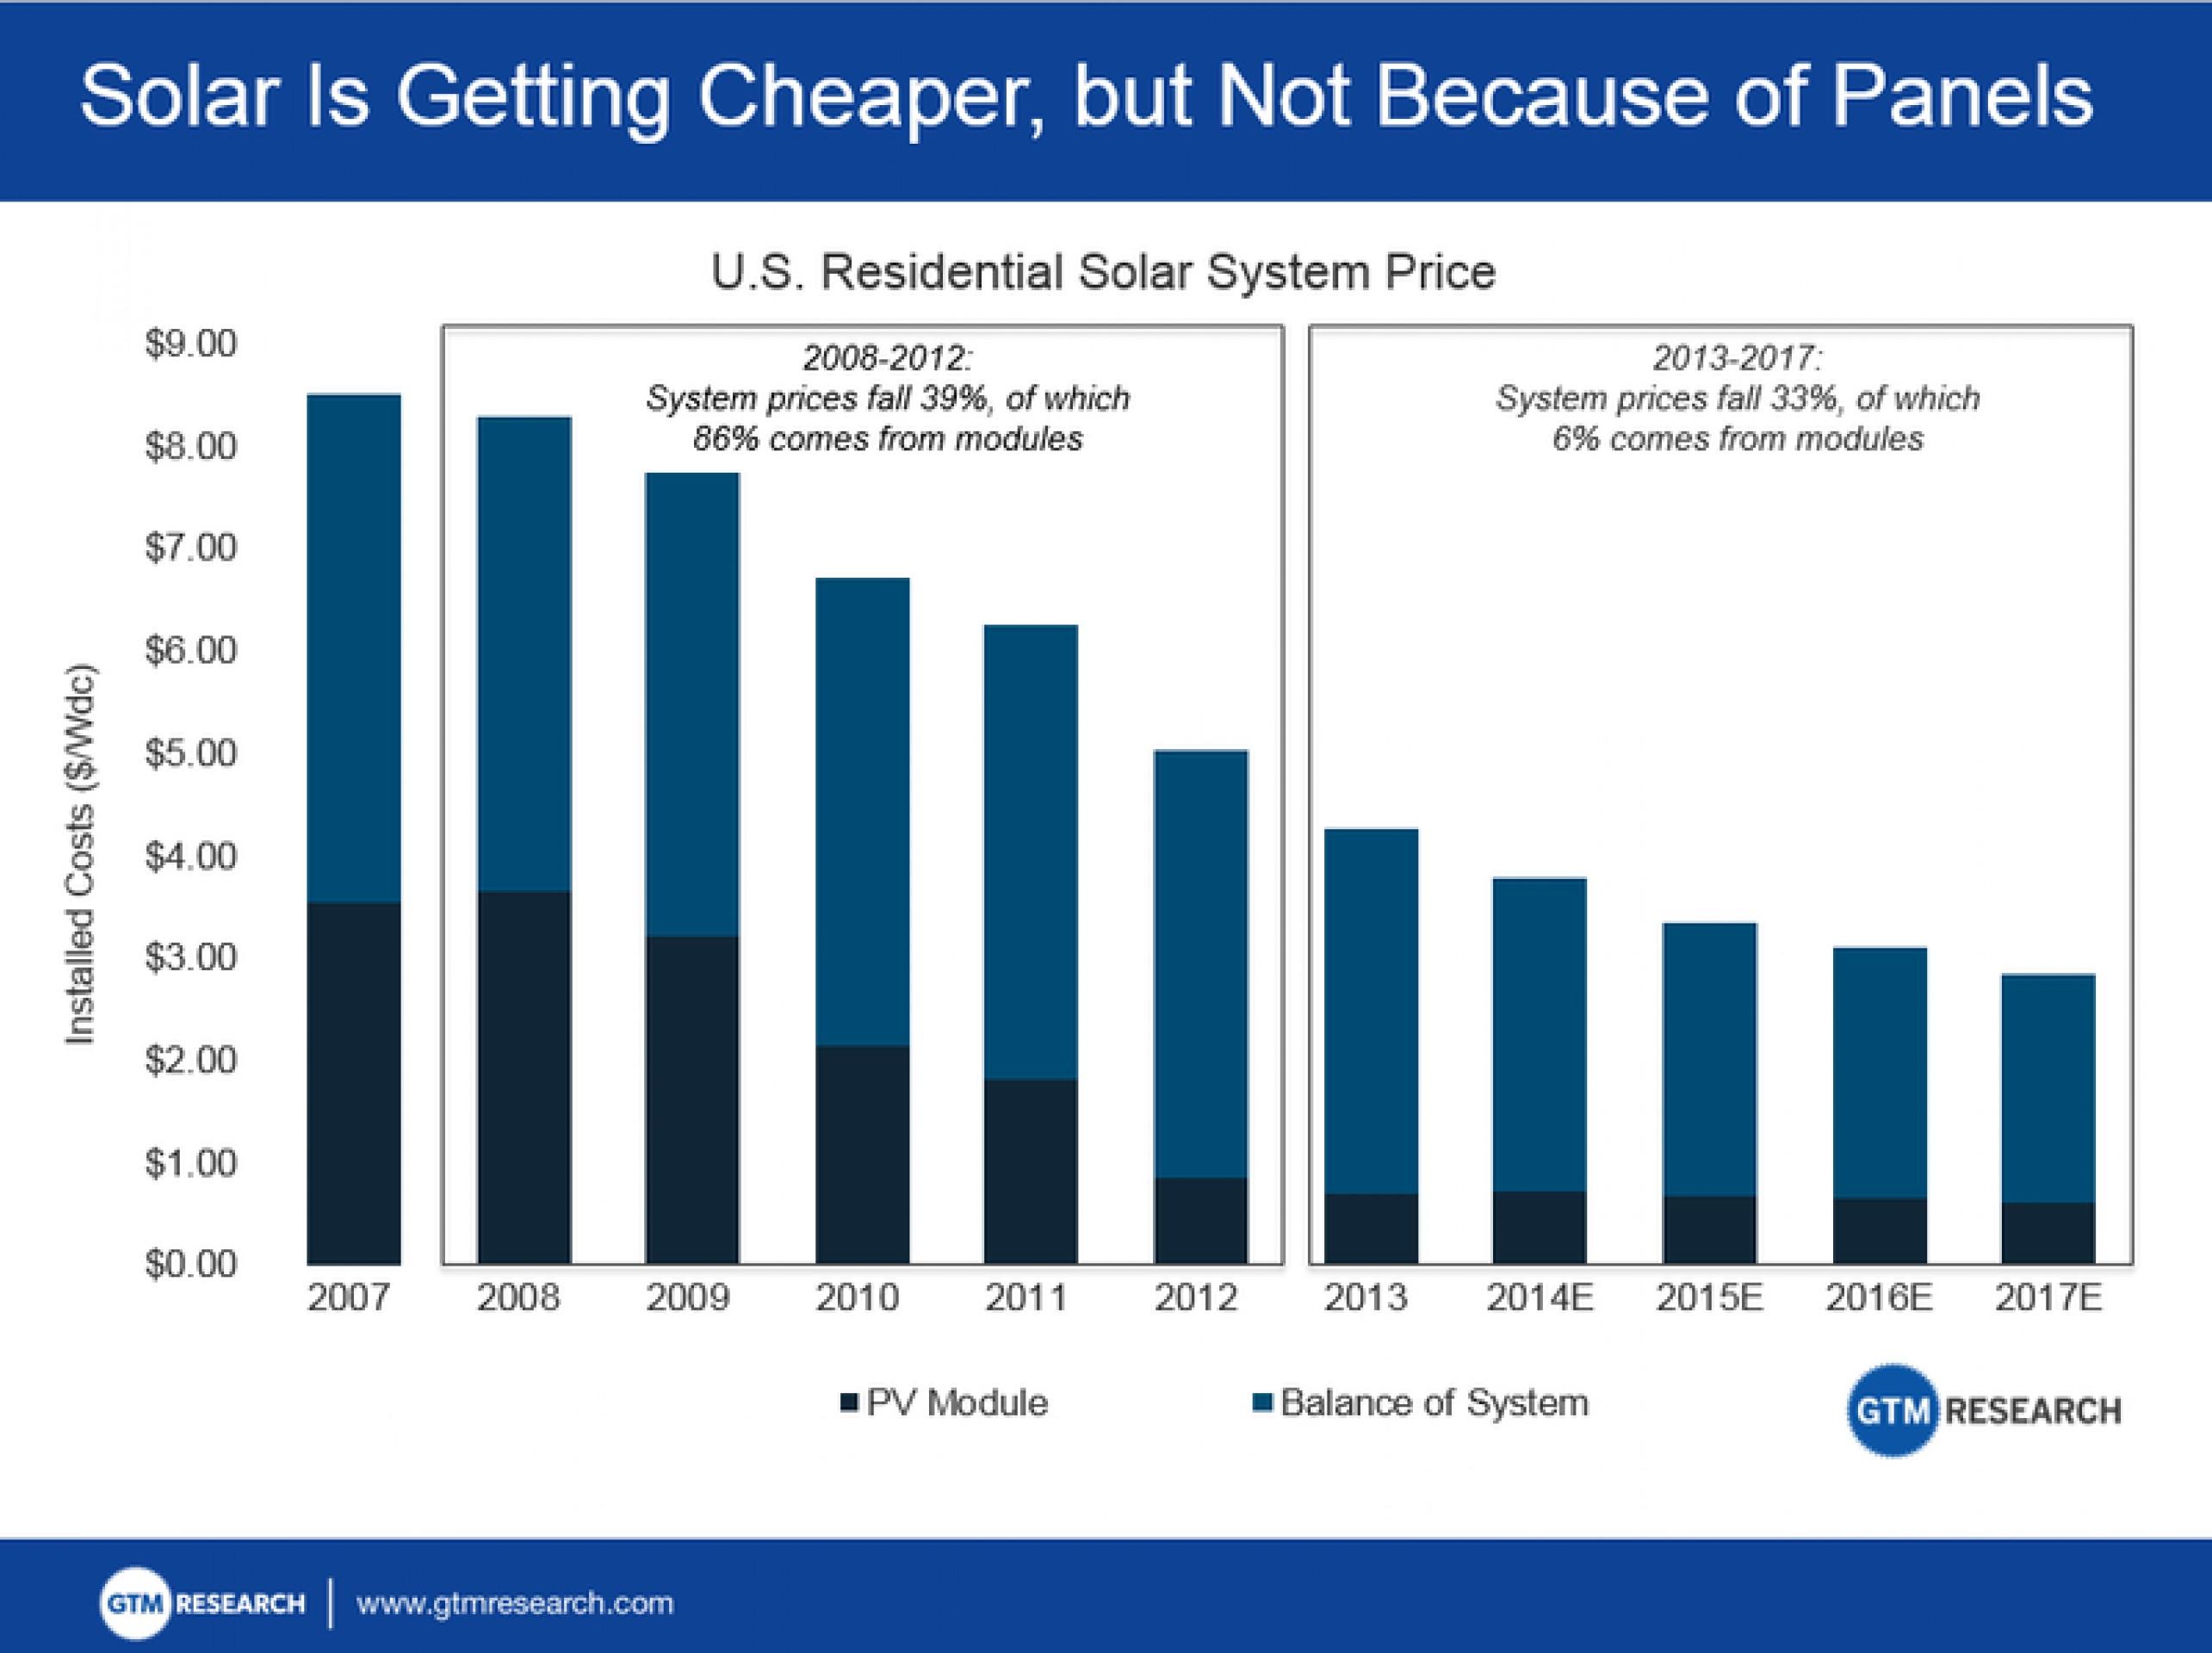 Солнце vs уголь: занятость выше, эффективность ниже